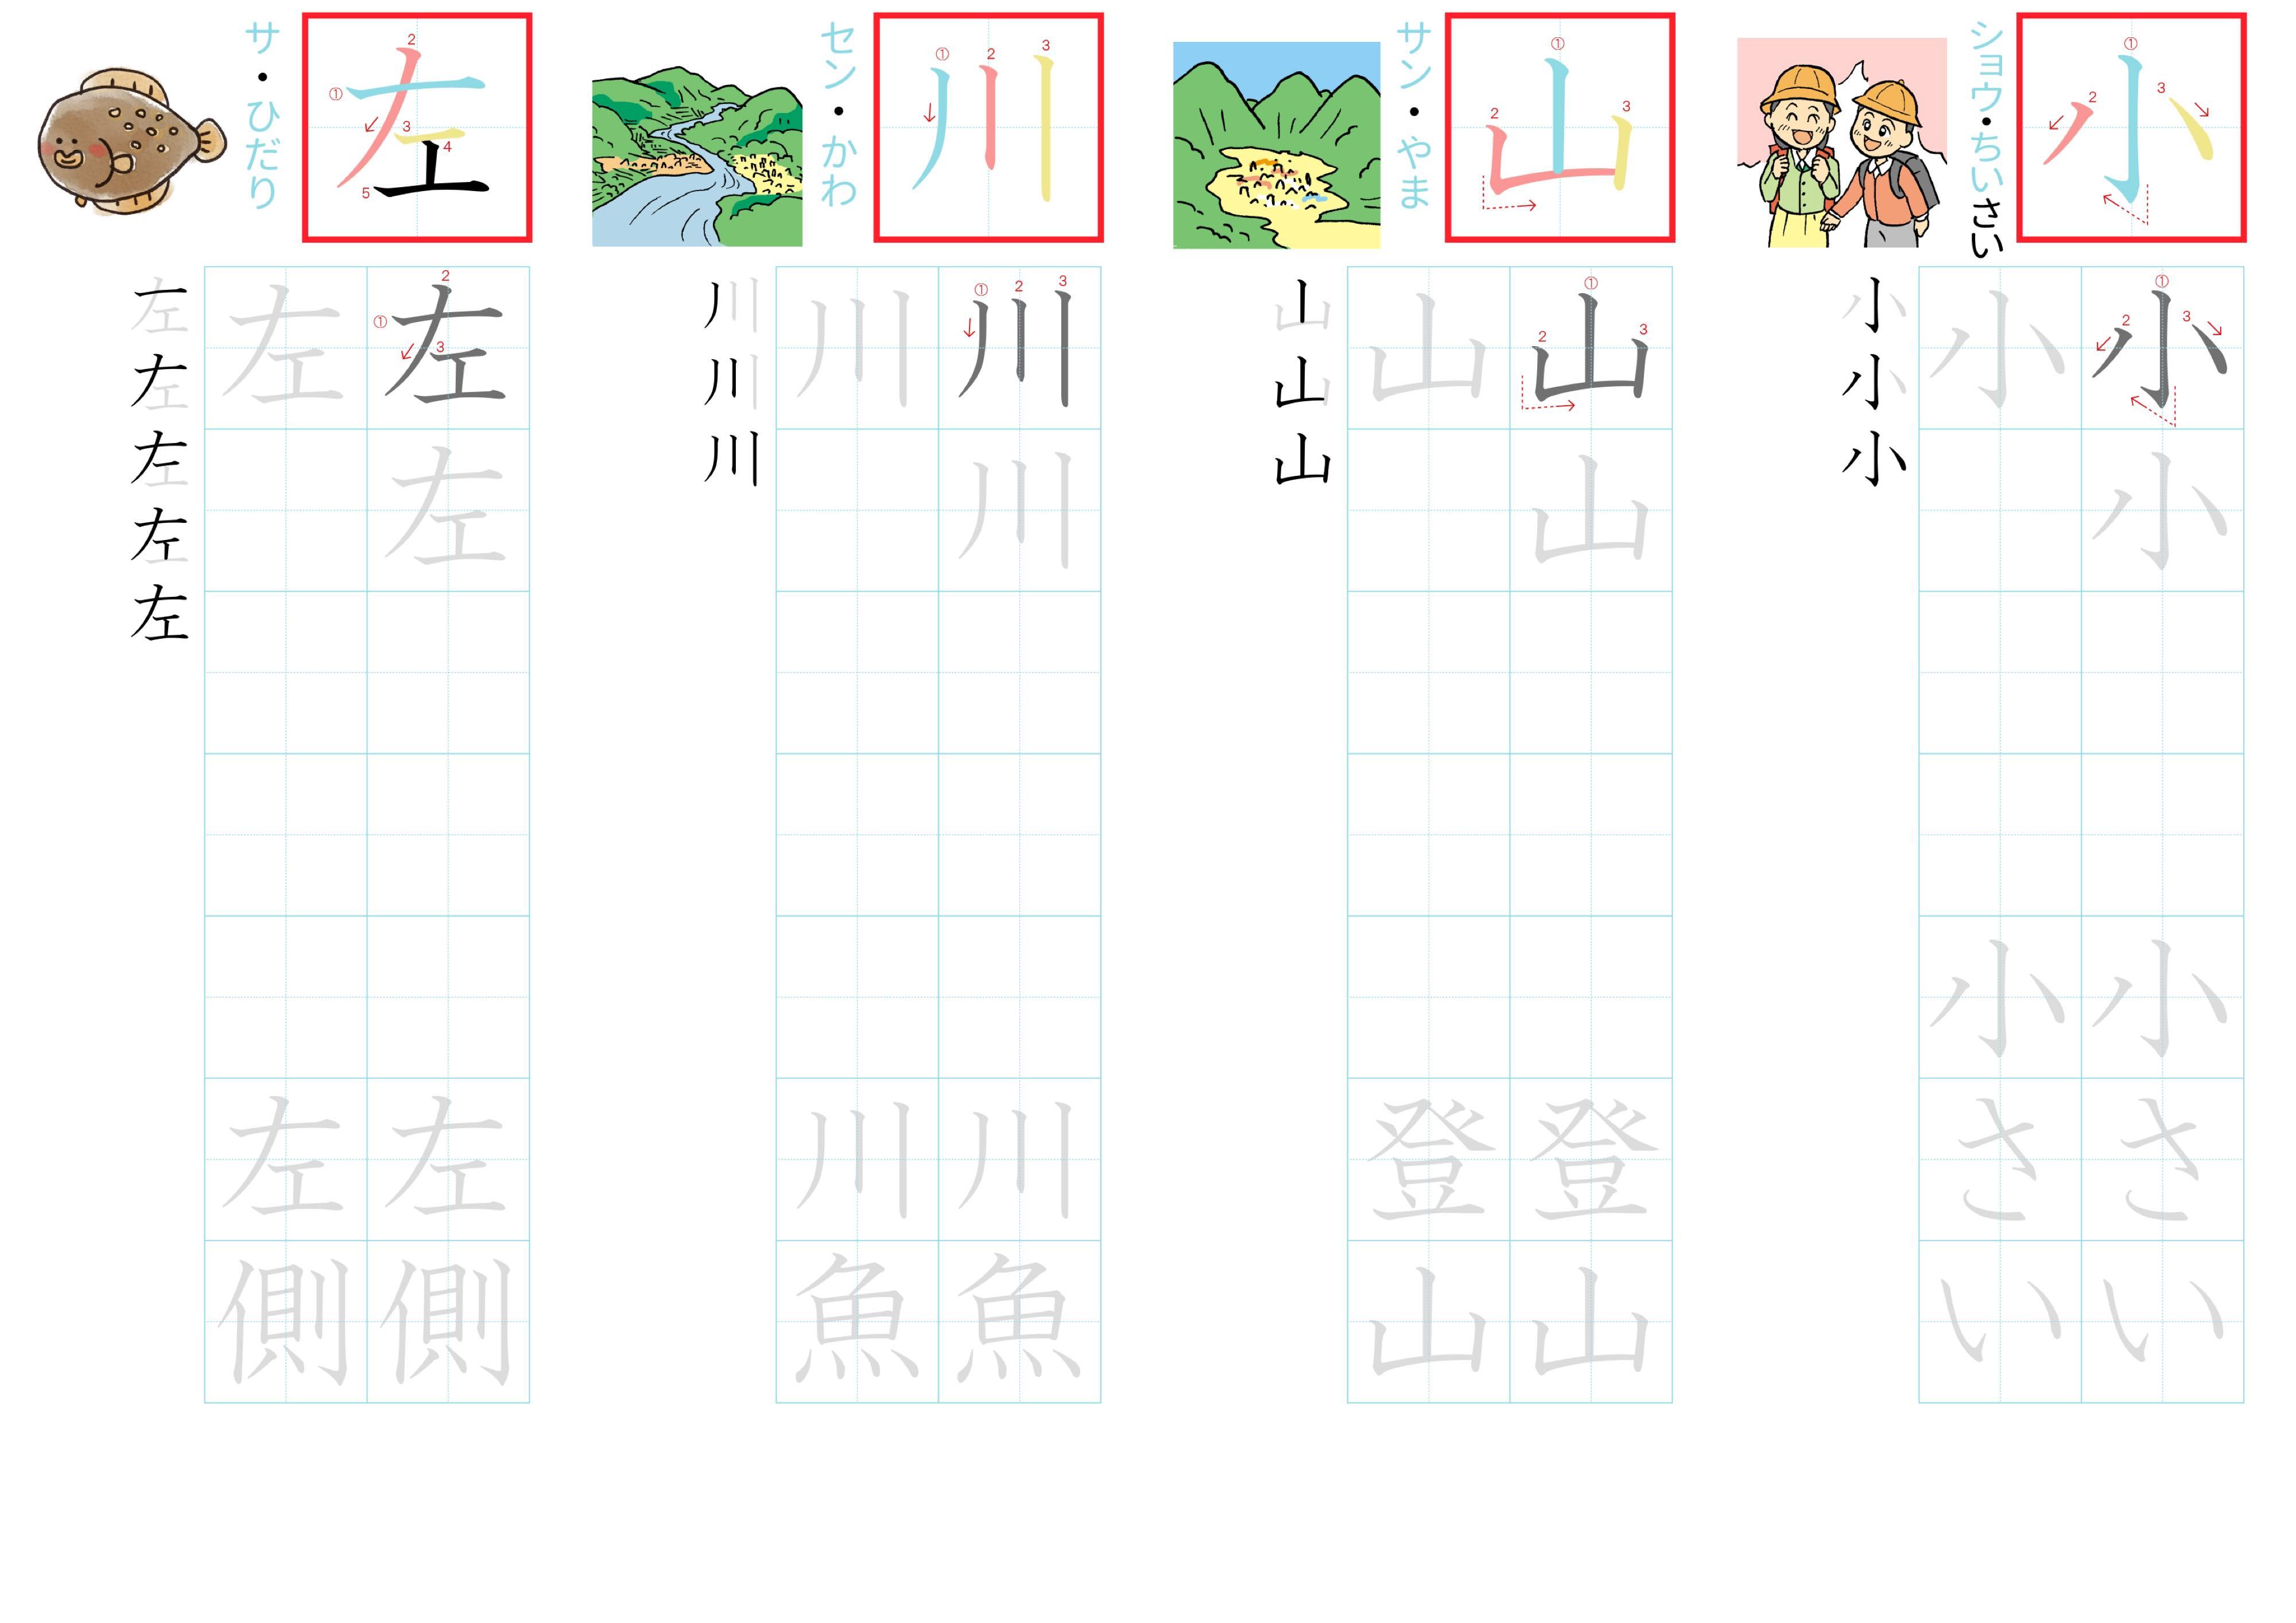 kanji-practice-card-n5-japanese-011